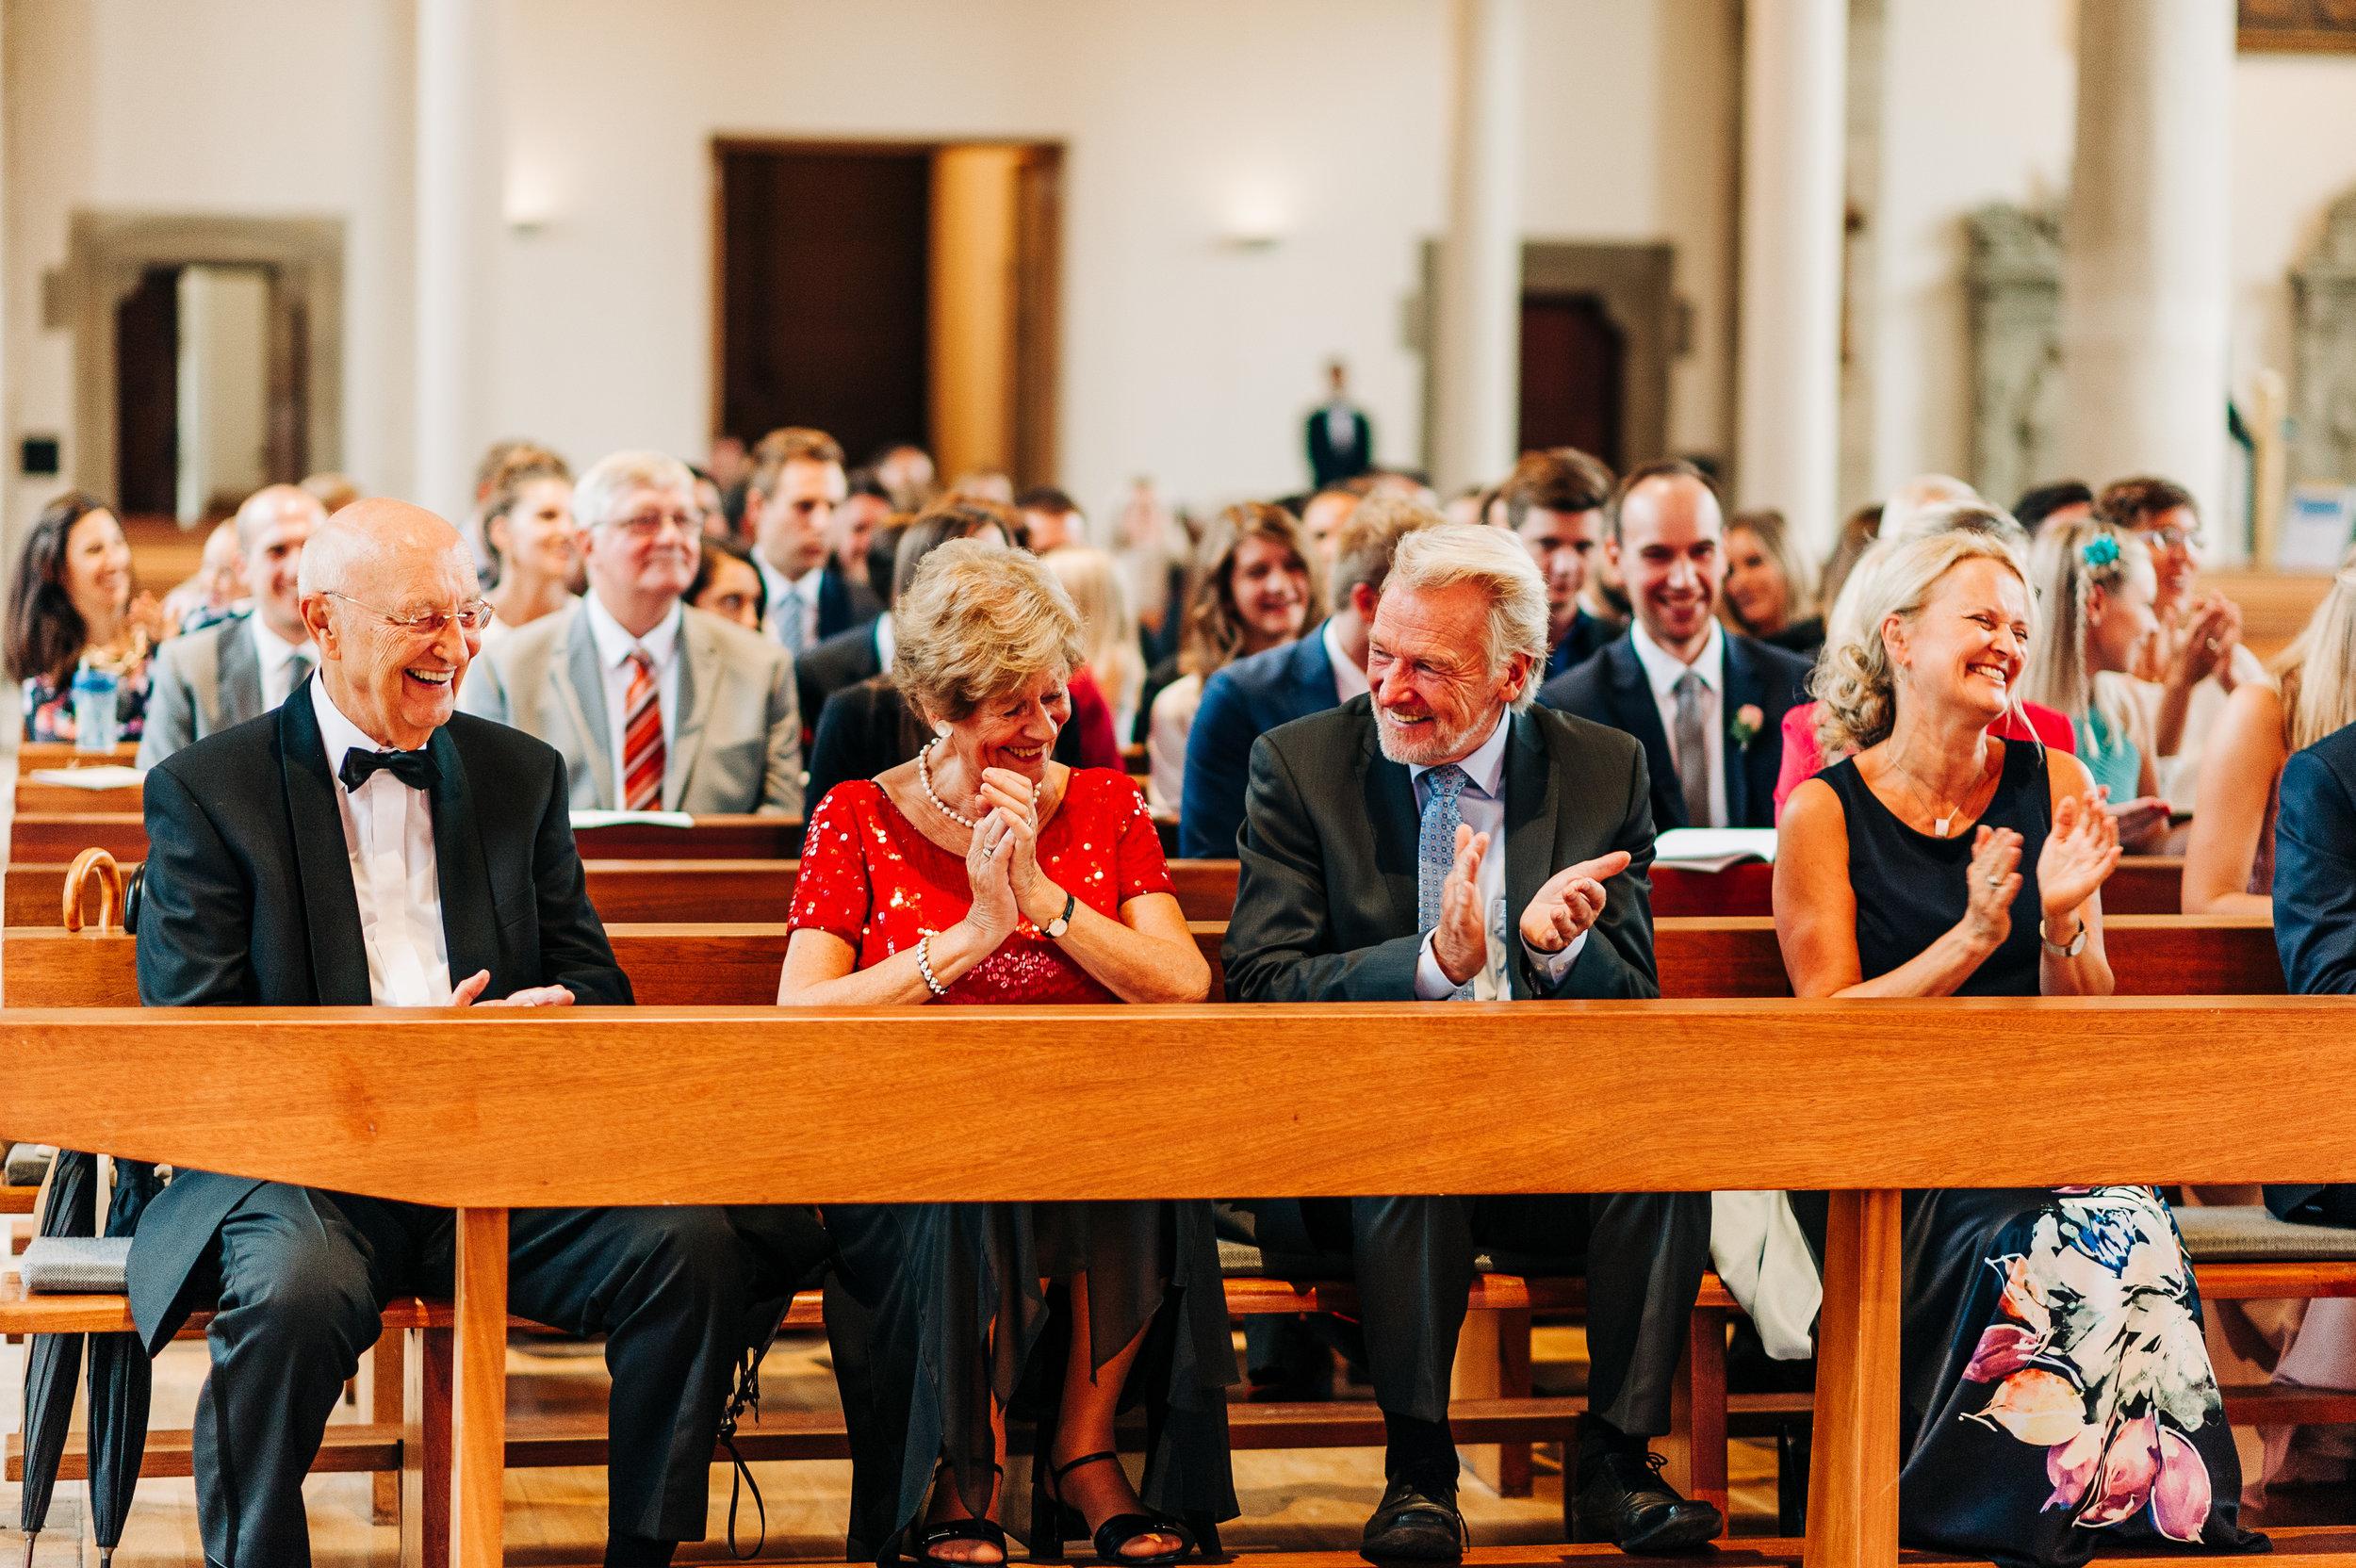 Anna-Hari-Photography-Hochzeitsfotografie-U&H-555.jpg